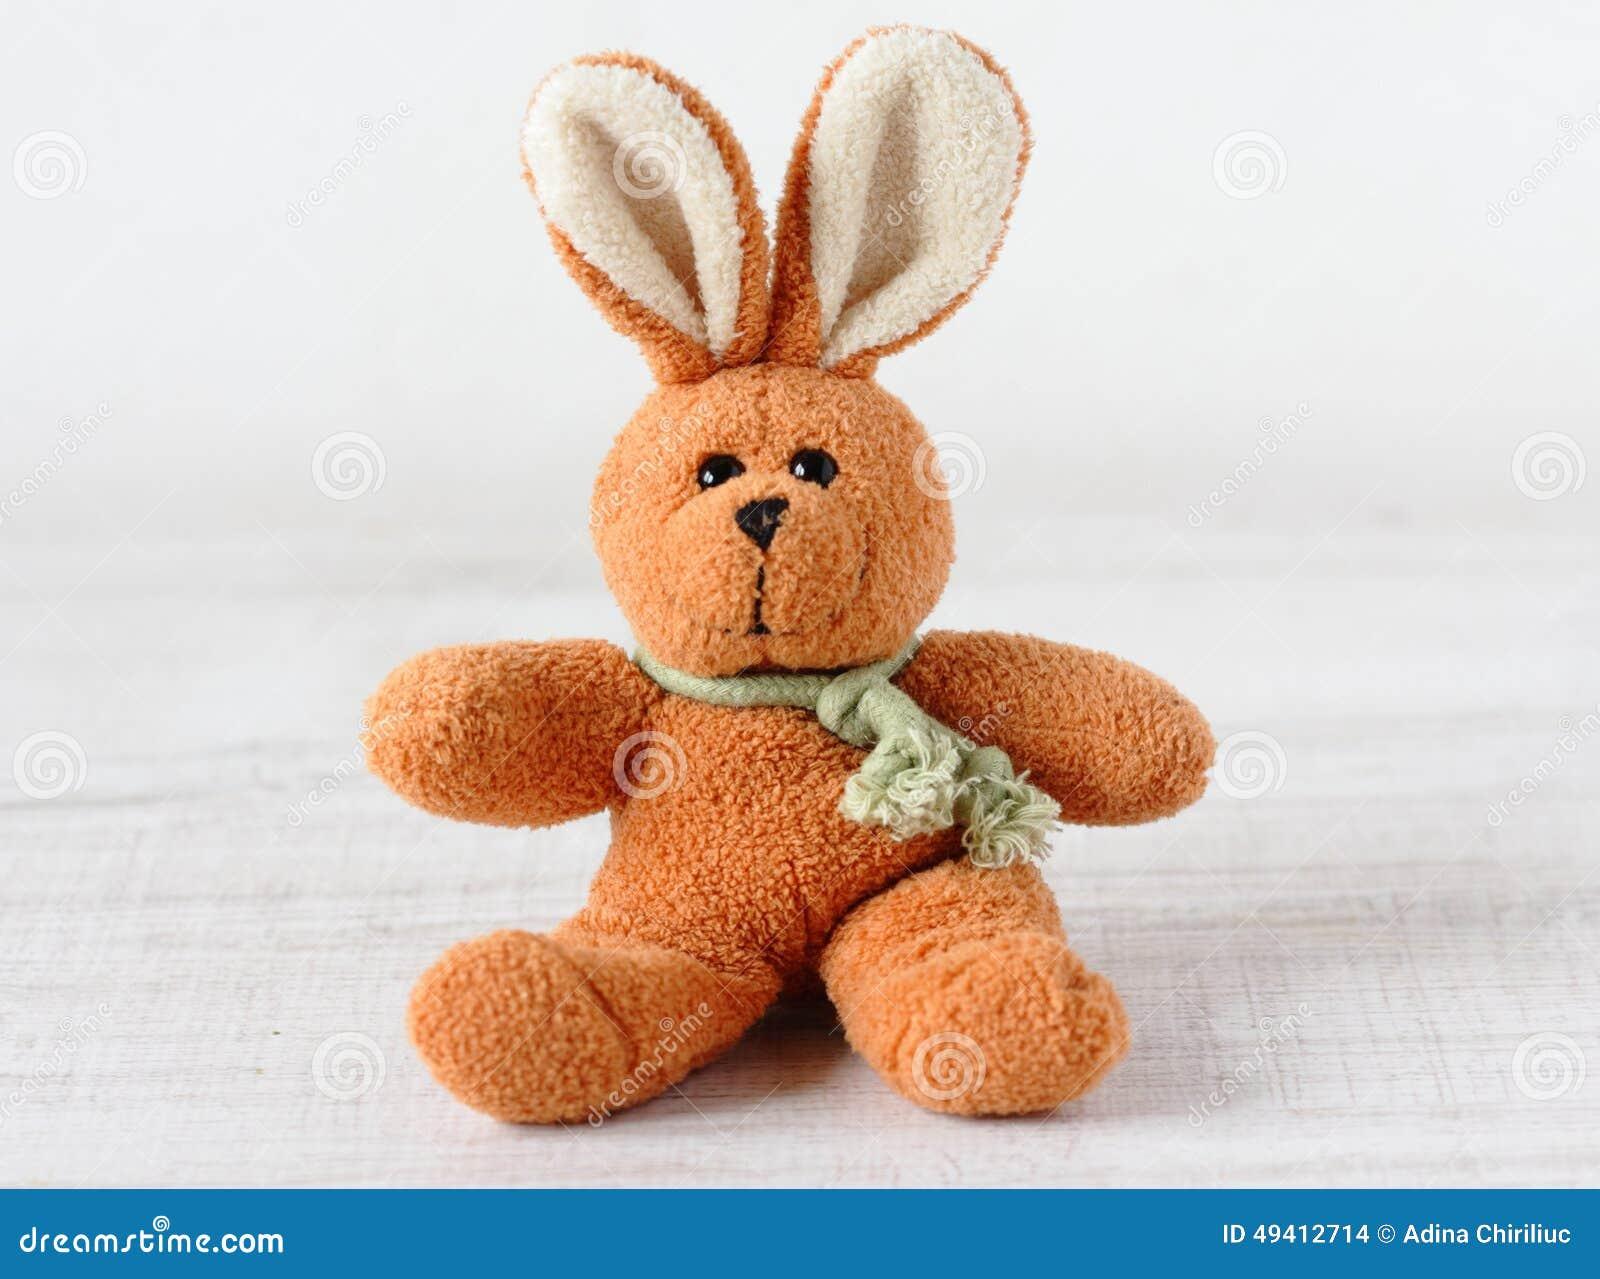 Download Altes Kaninchenspielzeug stockfoto. Bild von cuddly, geschenk - 49412714